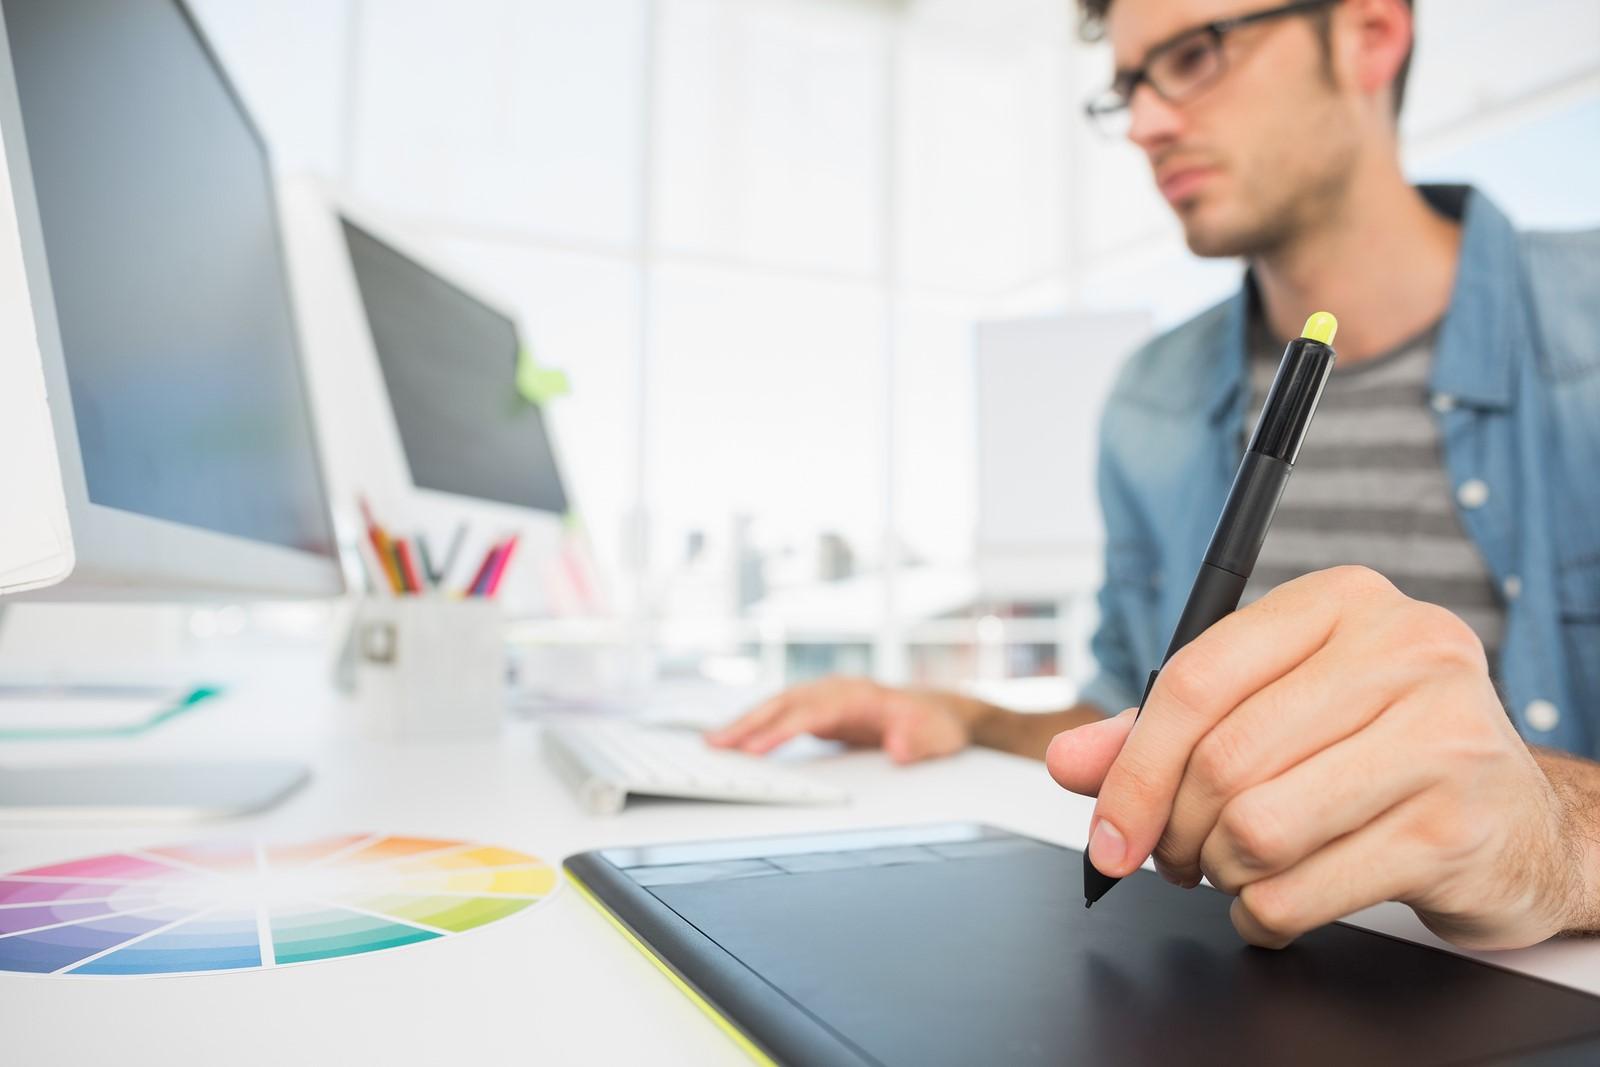 مشاغل و کسب و کارهای تکنولوژیکی و تخصصی